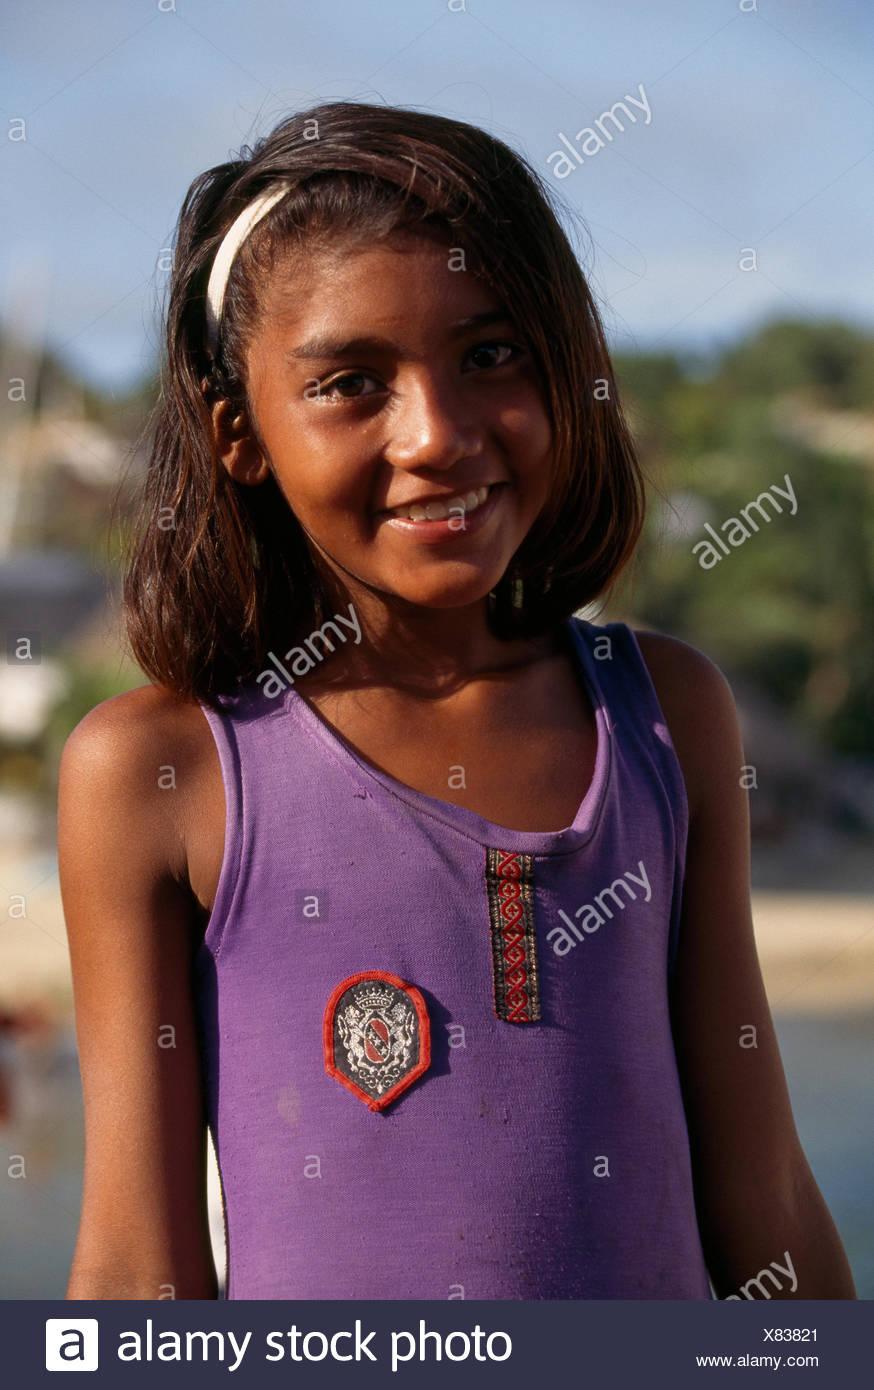 most beautiful hispanic woman